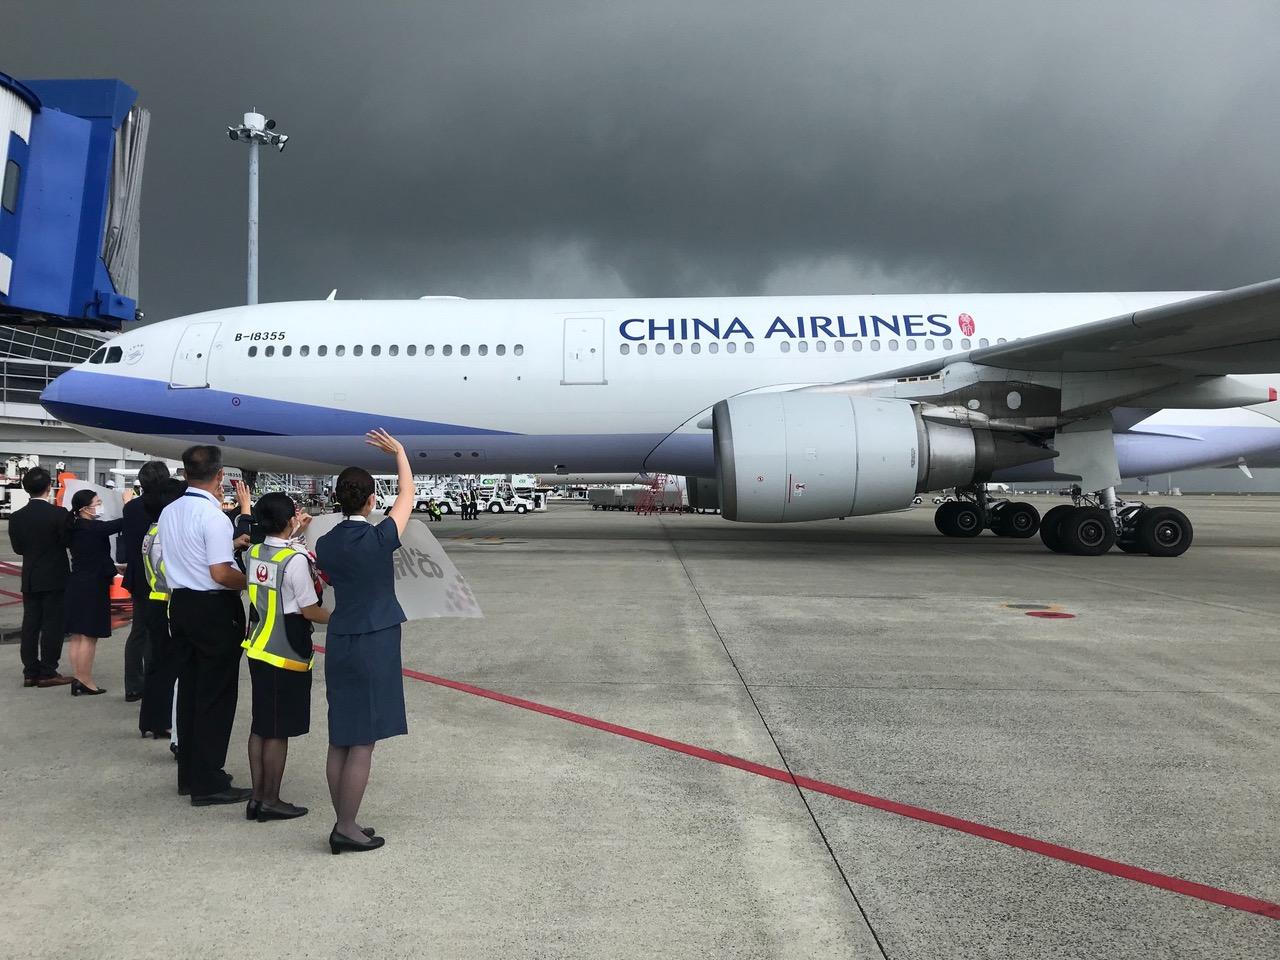 """华航旧涂装""""CHINA AIRLINES""""遭中共谎称是中国民航机。(华航脸书)(photo:RFA)"""